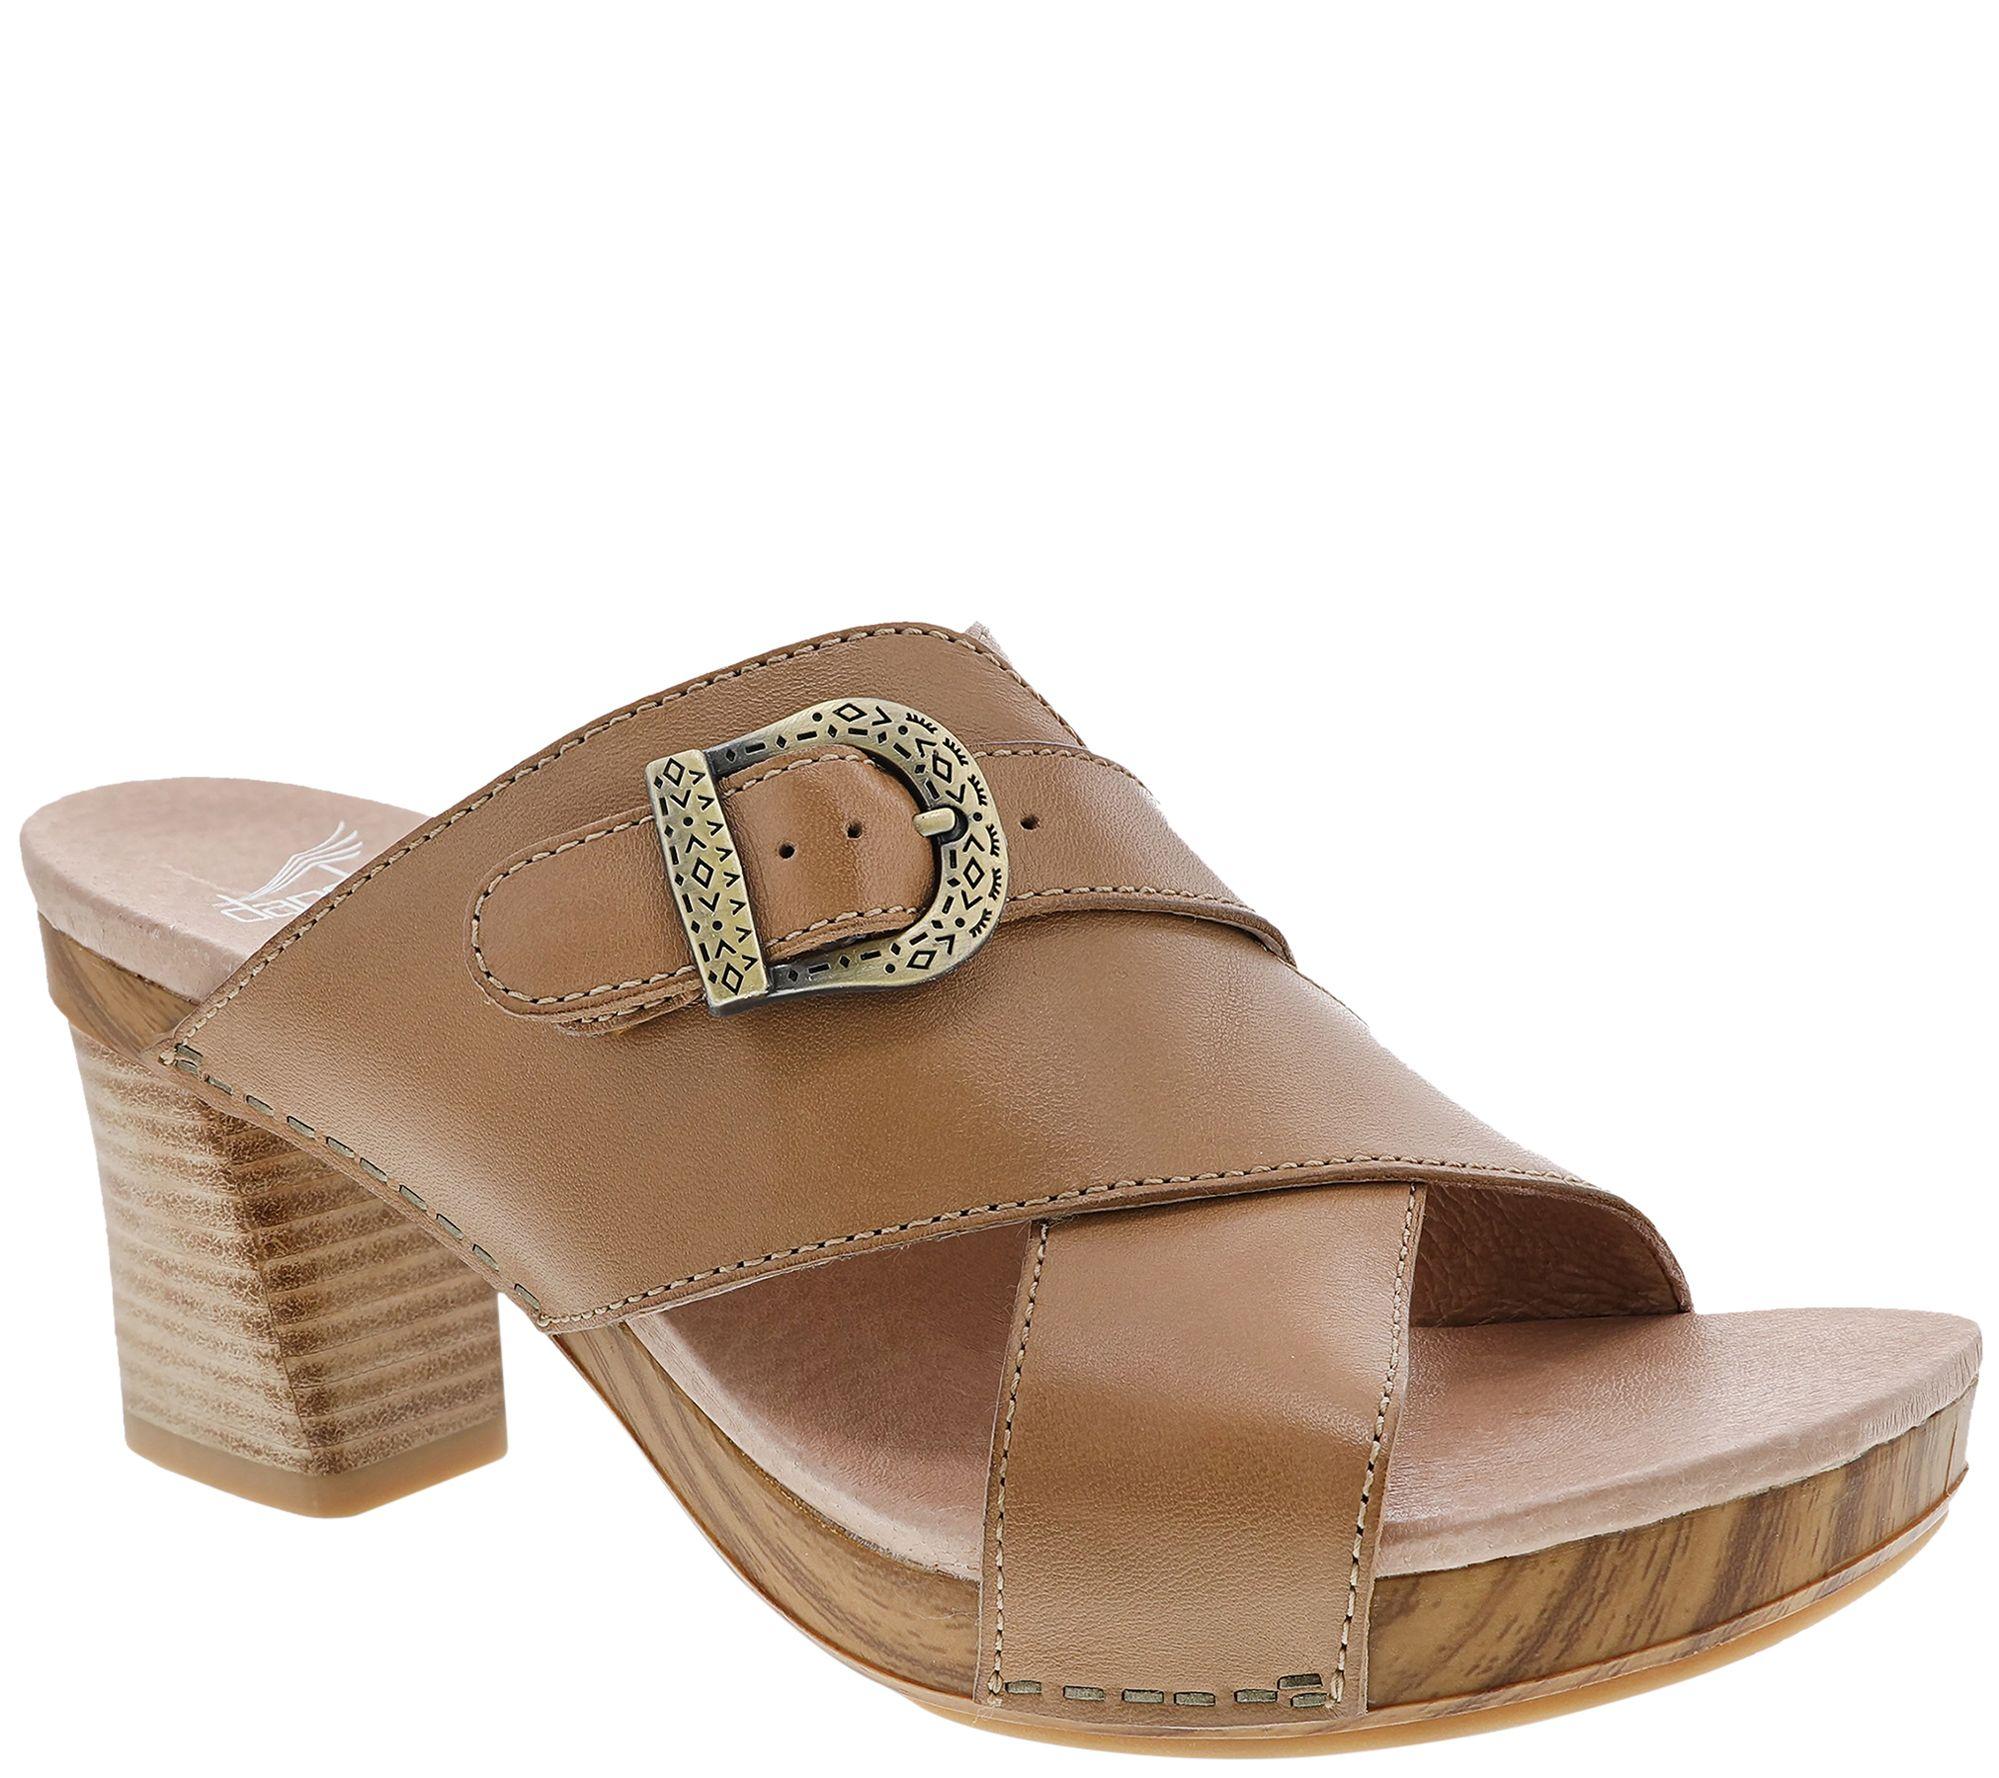 670d004bc724 Dansko Women s Slide Sandals - Amy - Page 1 — QVC.com